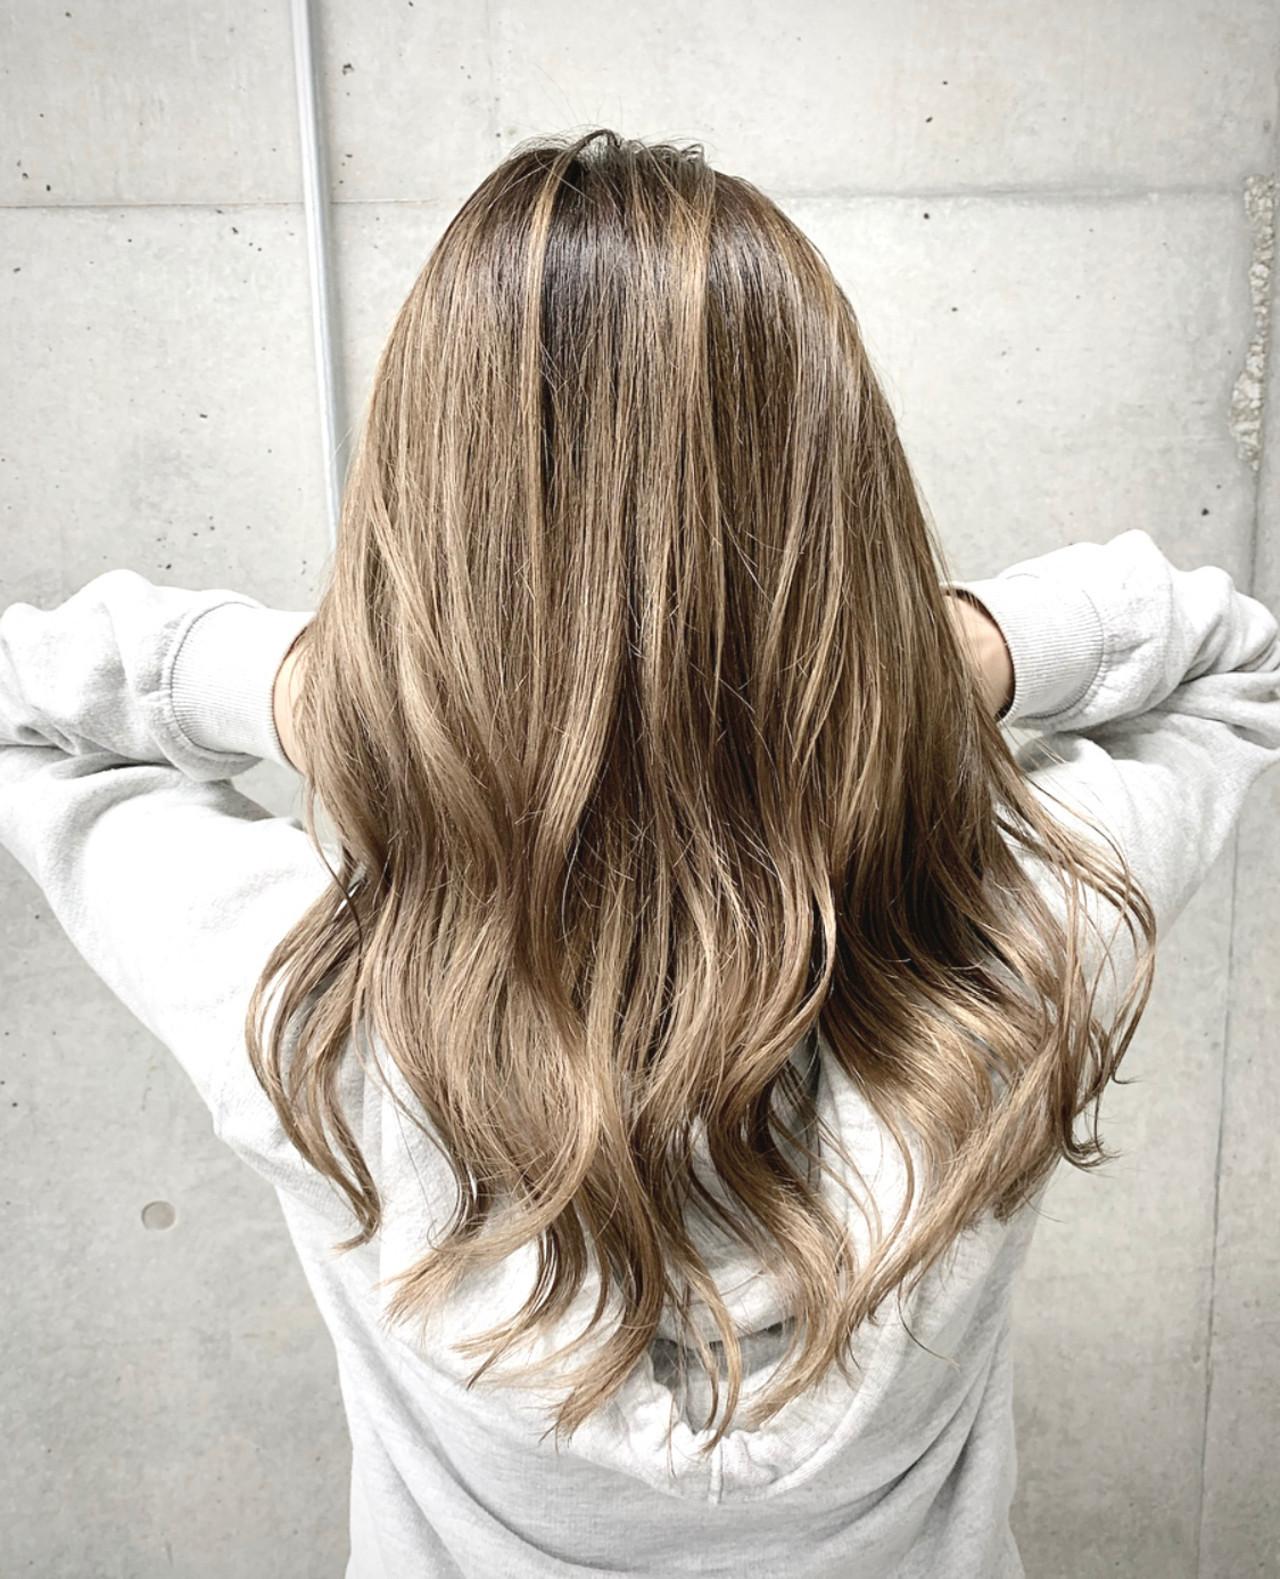 バレイヤージュ ガーリー ハイトーン セミロング ヘアスタイルや髪型の写真・画像